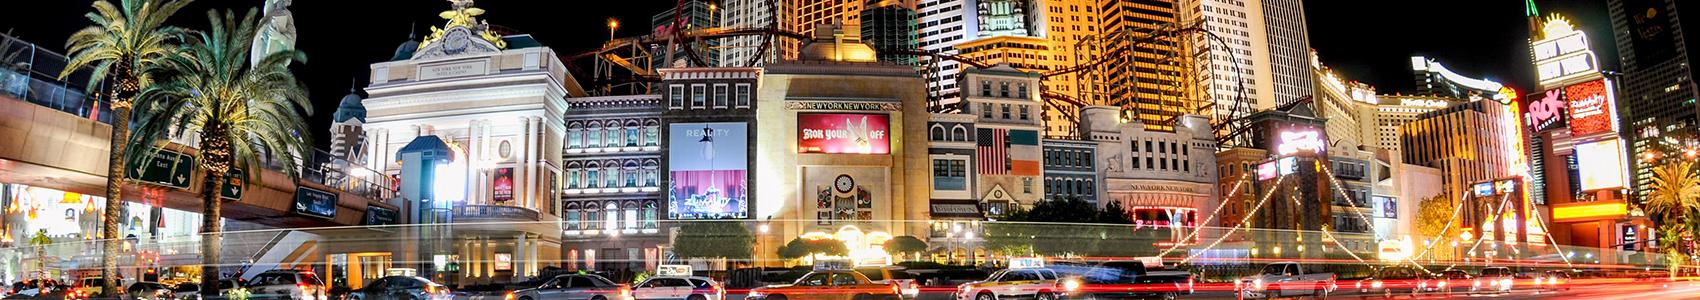 Vegas-nyny-strip